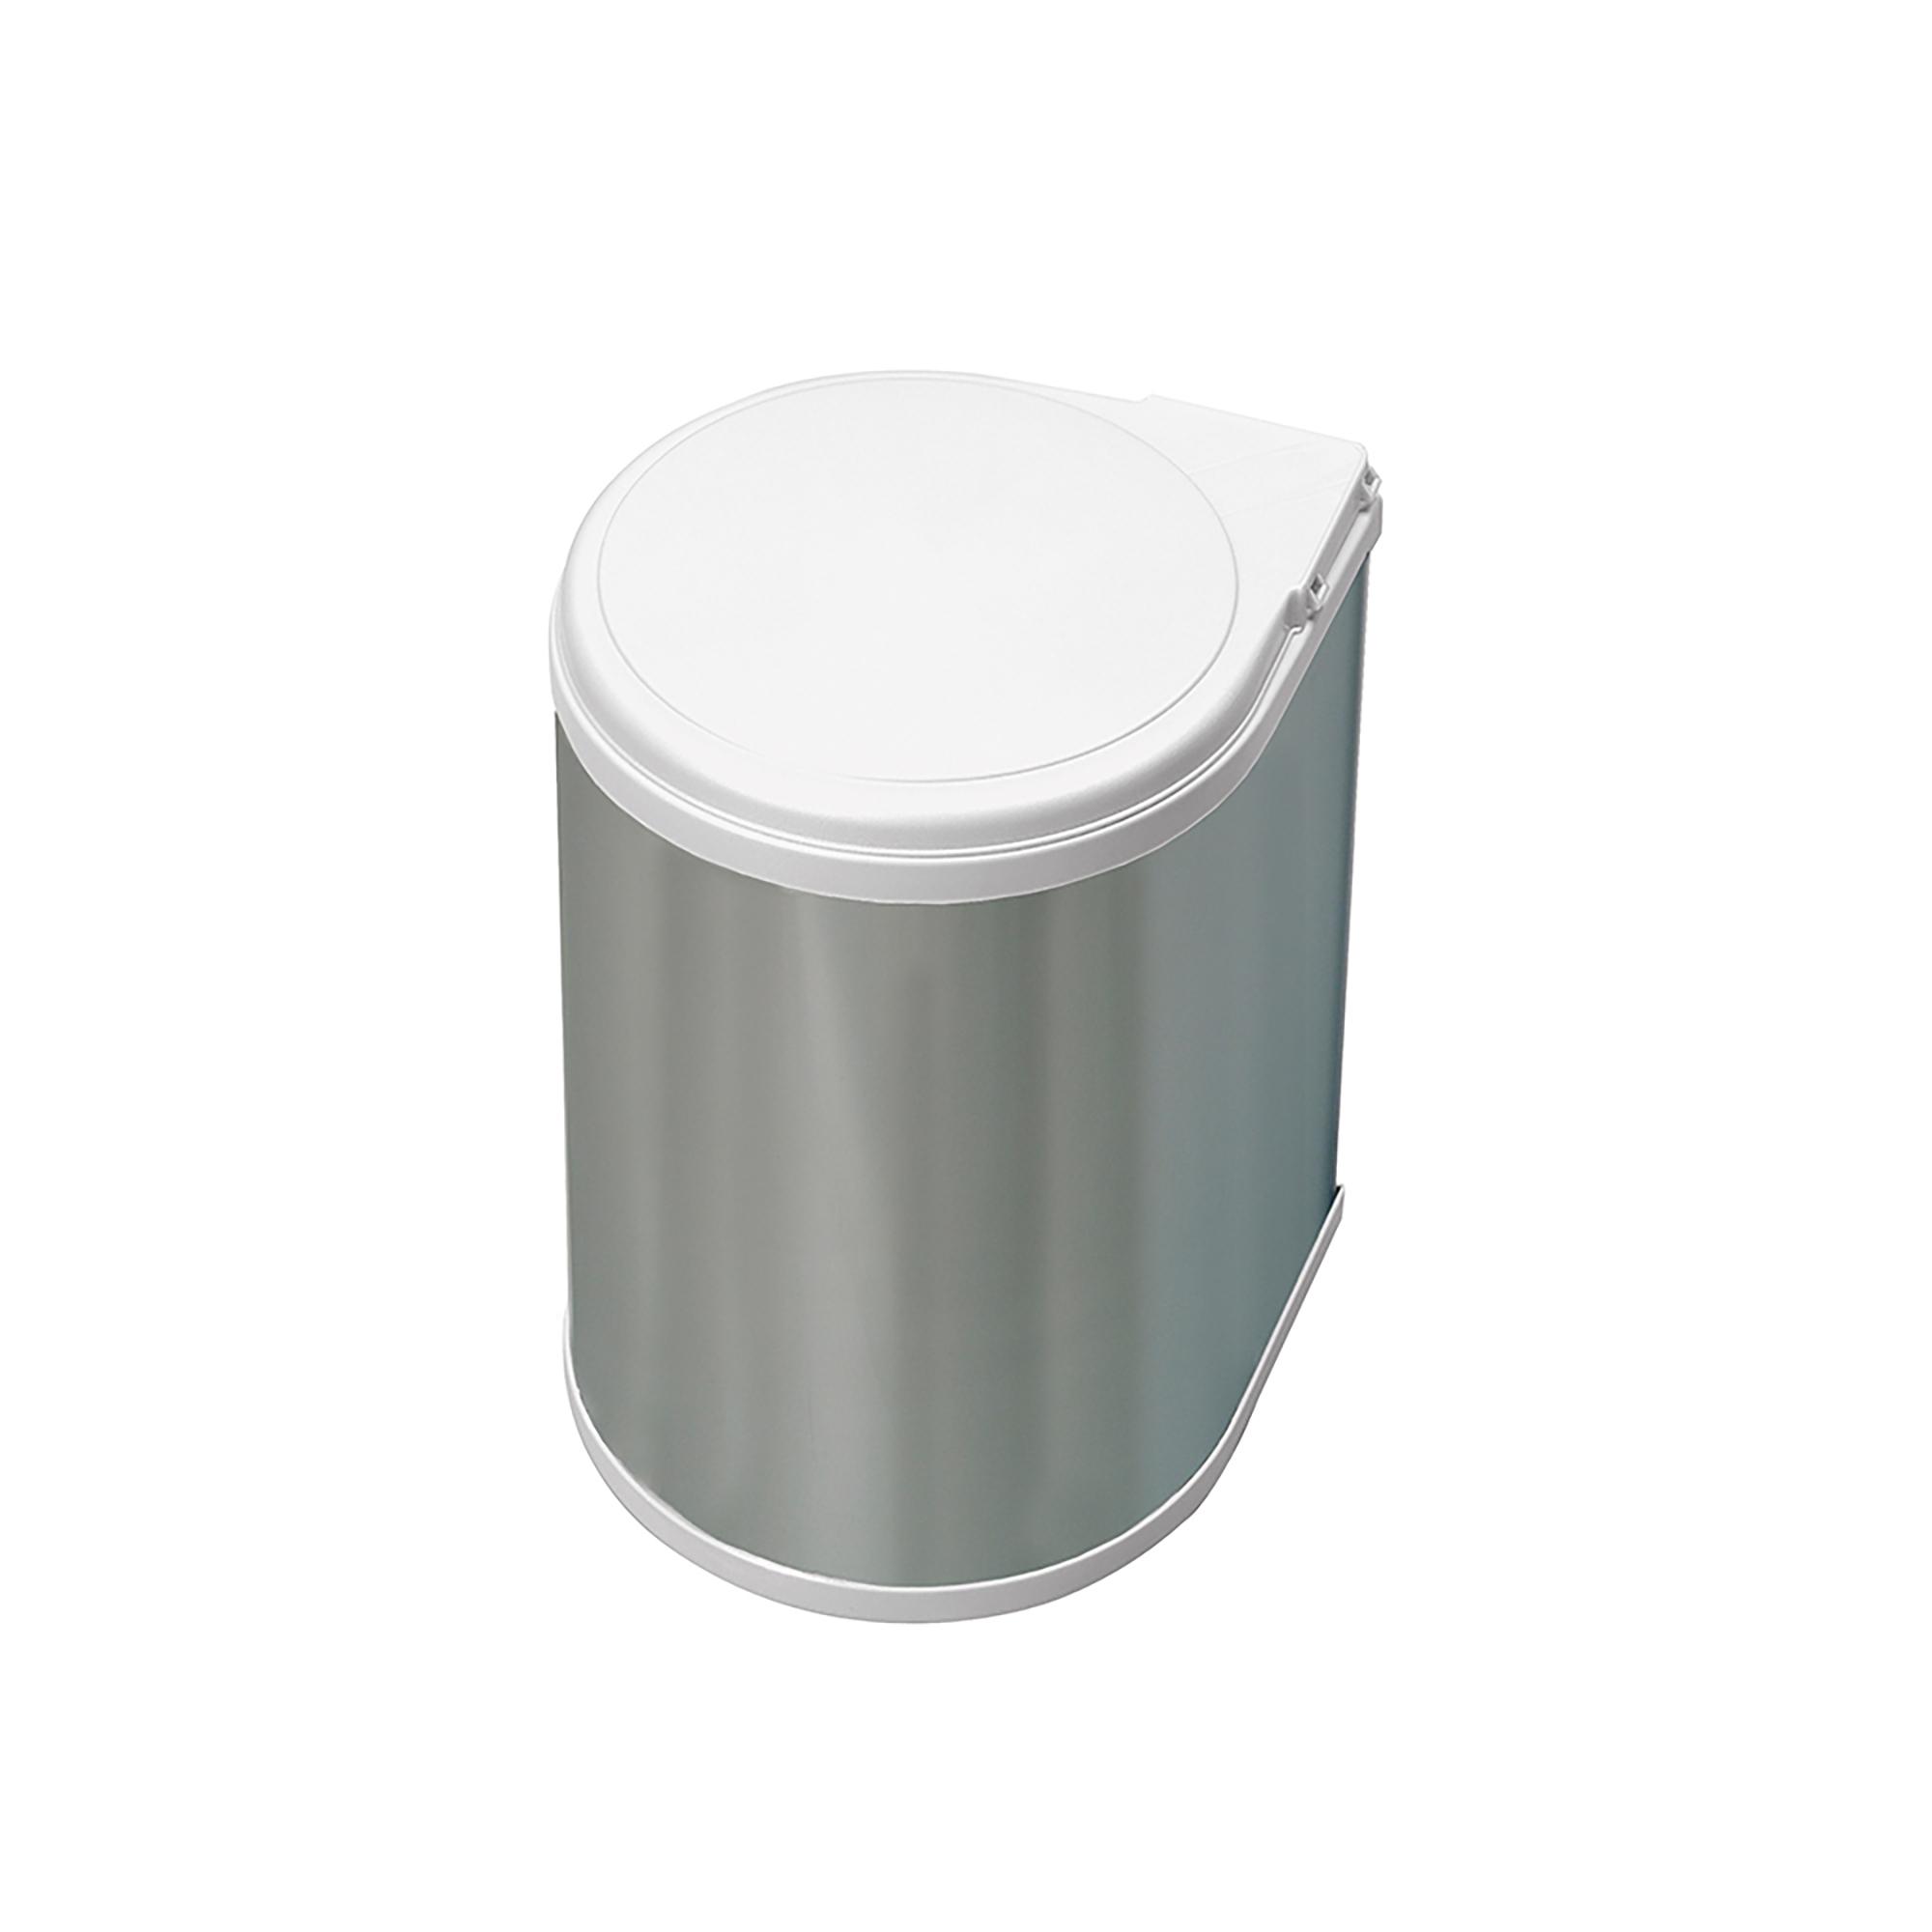 Emuca Pattumiera per differenziata, 13L, fissaggio all'anta, apertura automatica, Plastica, rivestimento di acciaio inossidabile